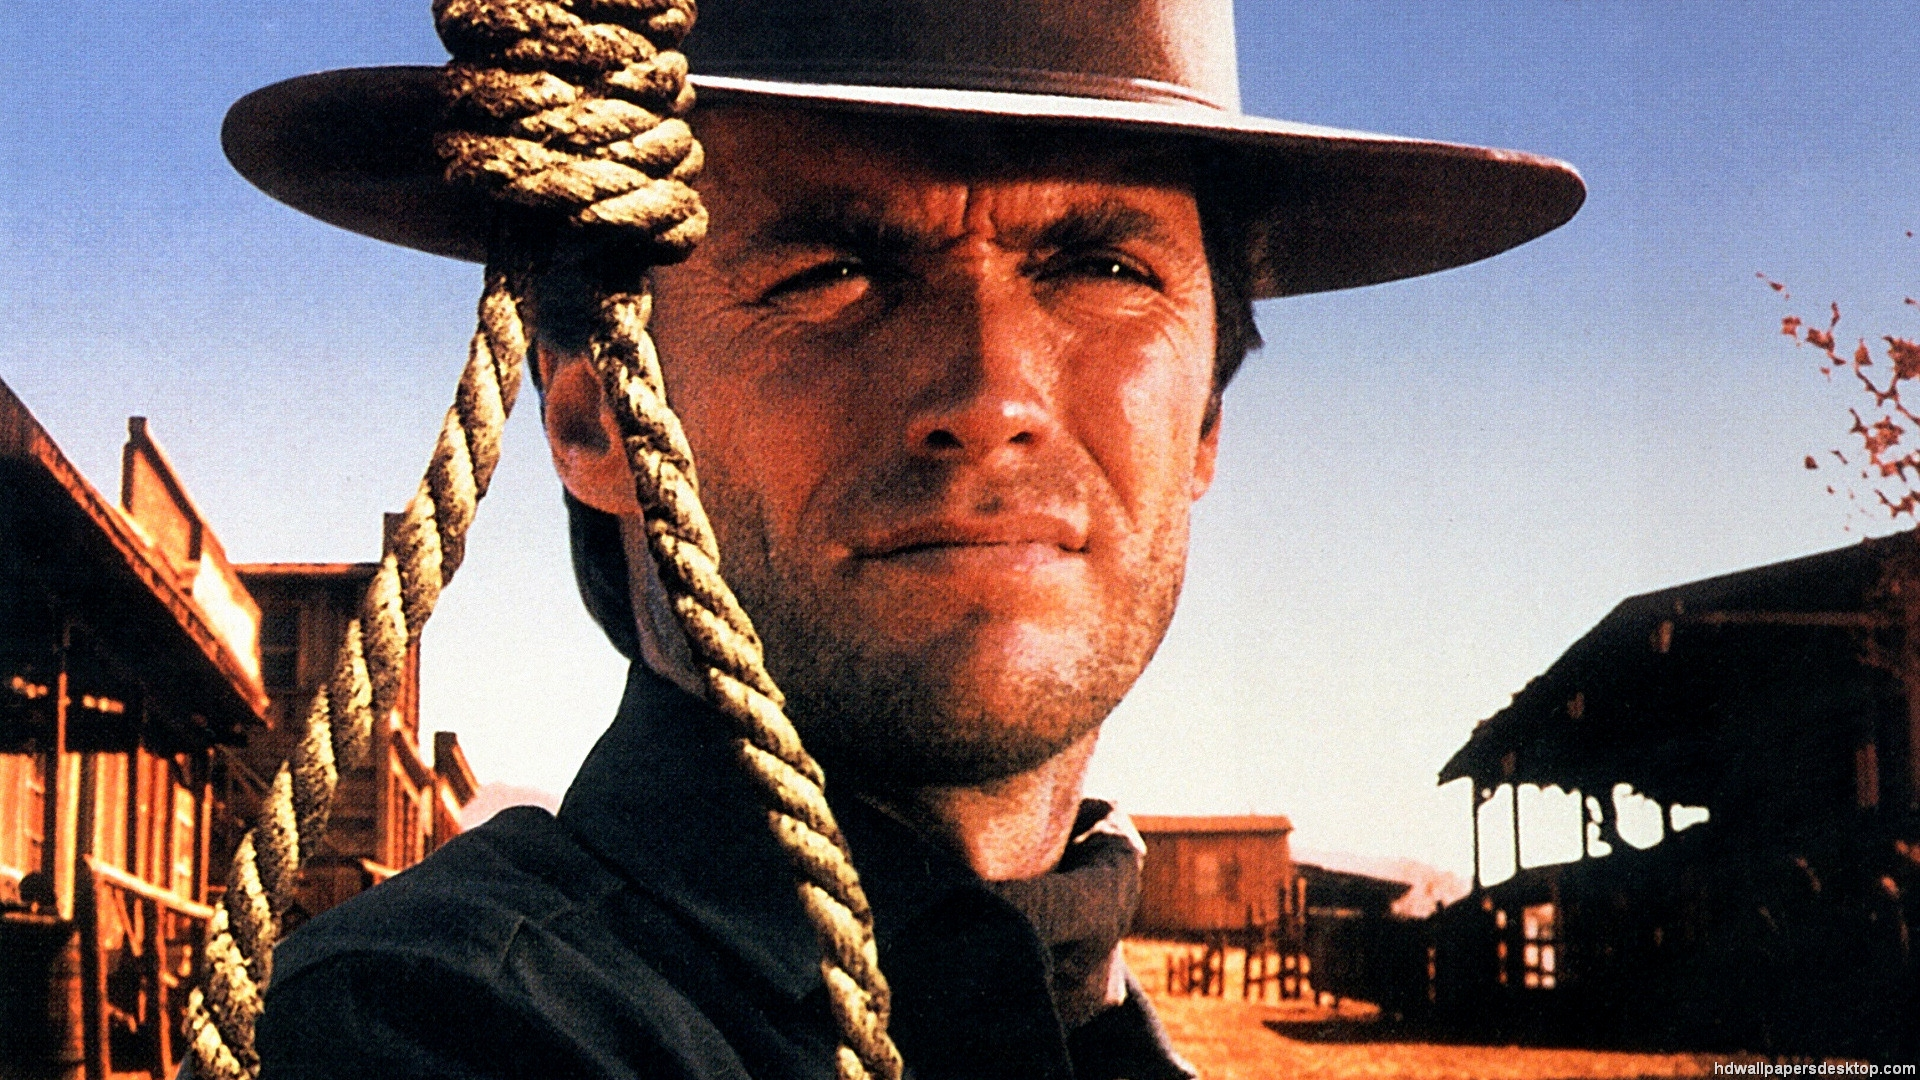 Clint-Eastwood-clint-eastwood-25240582-1920-1080